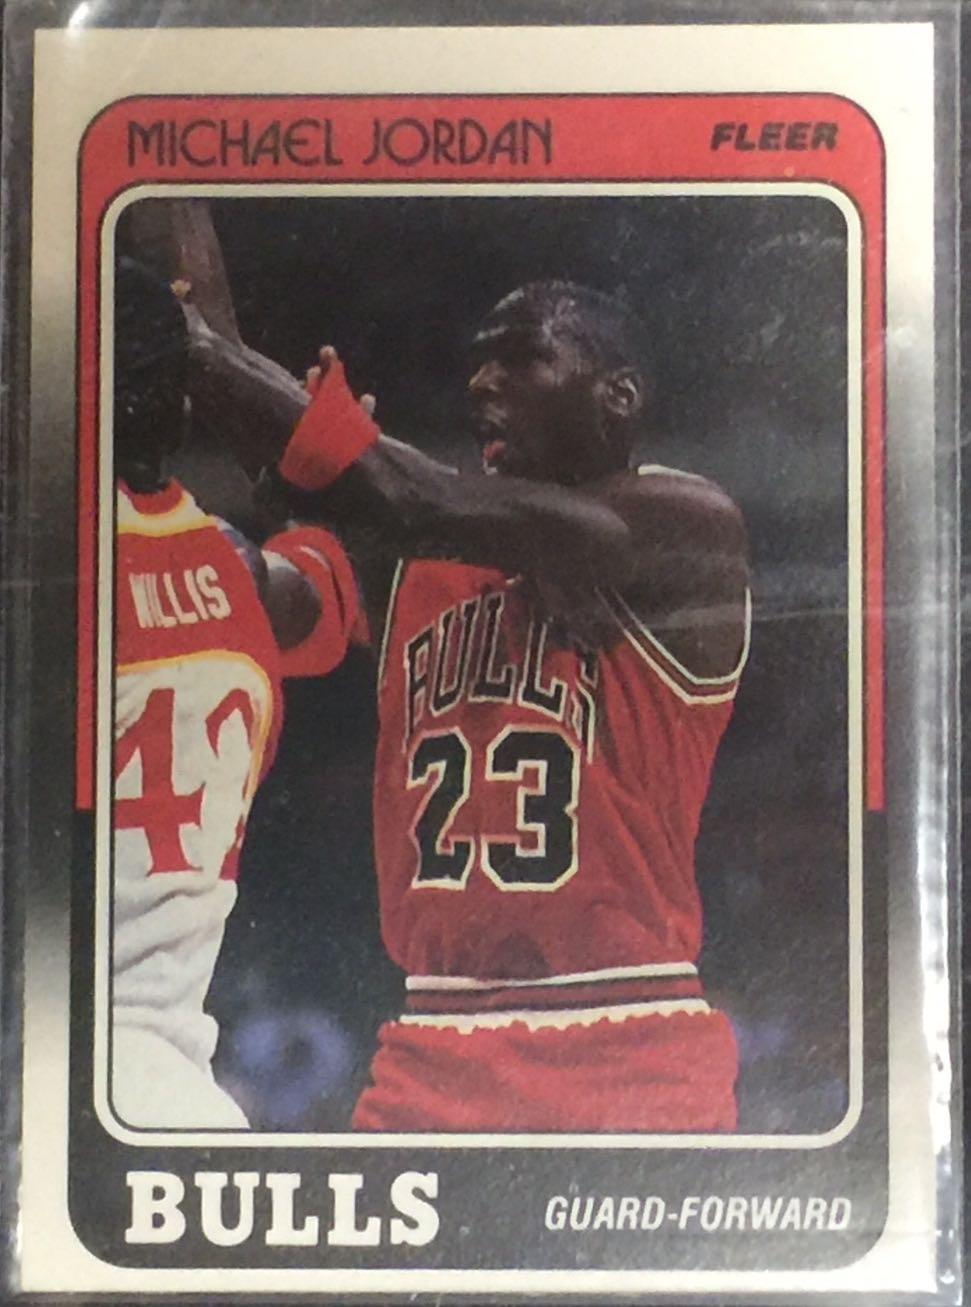 Fleer Michael Jordan Card Revlon Coupons